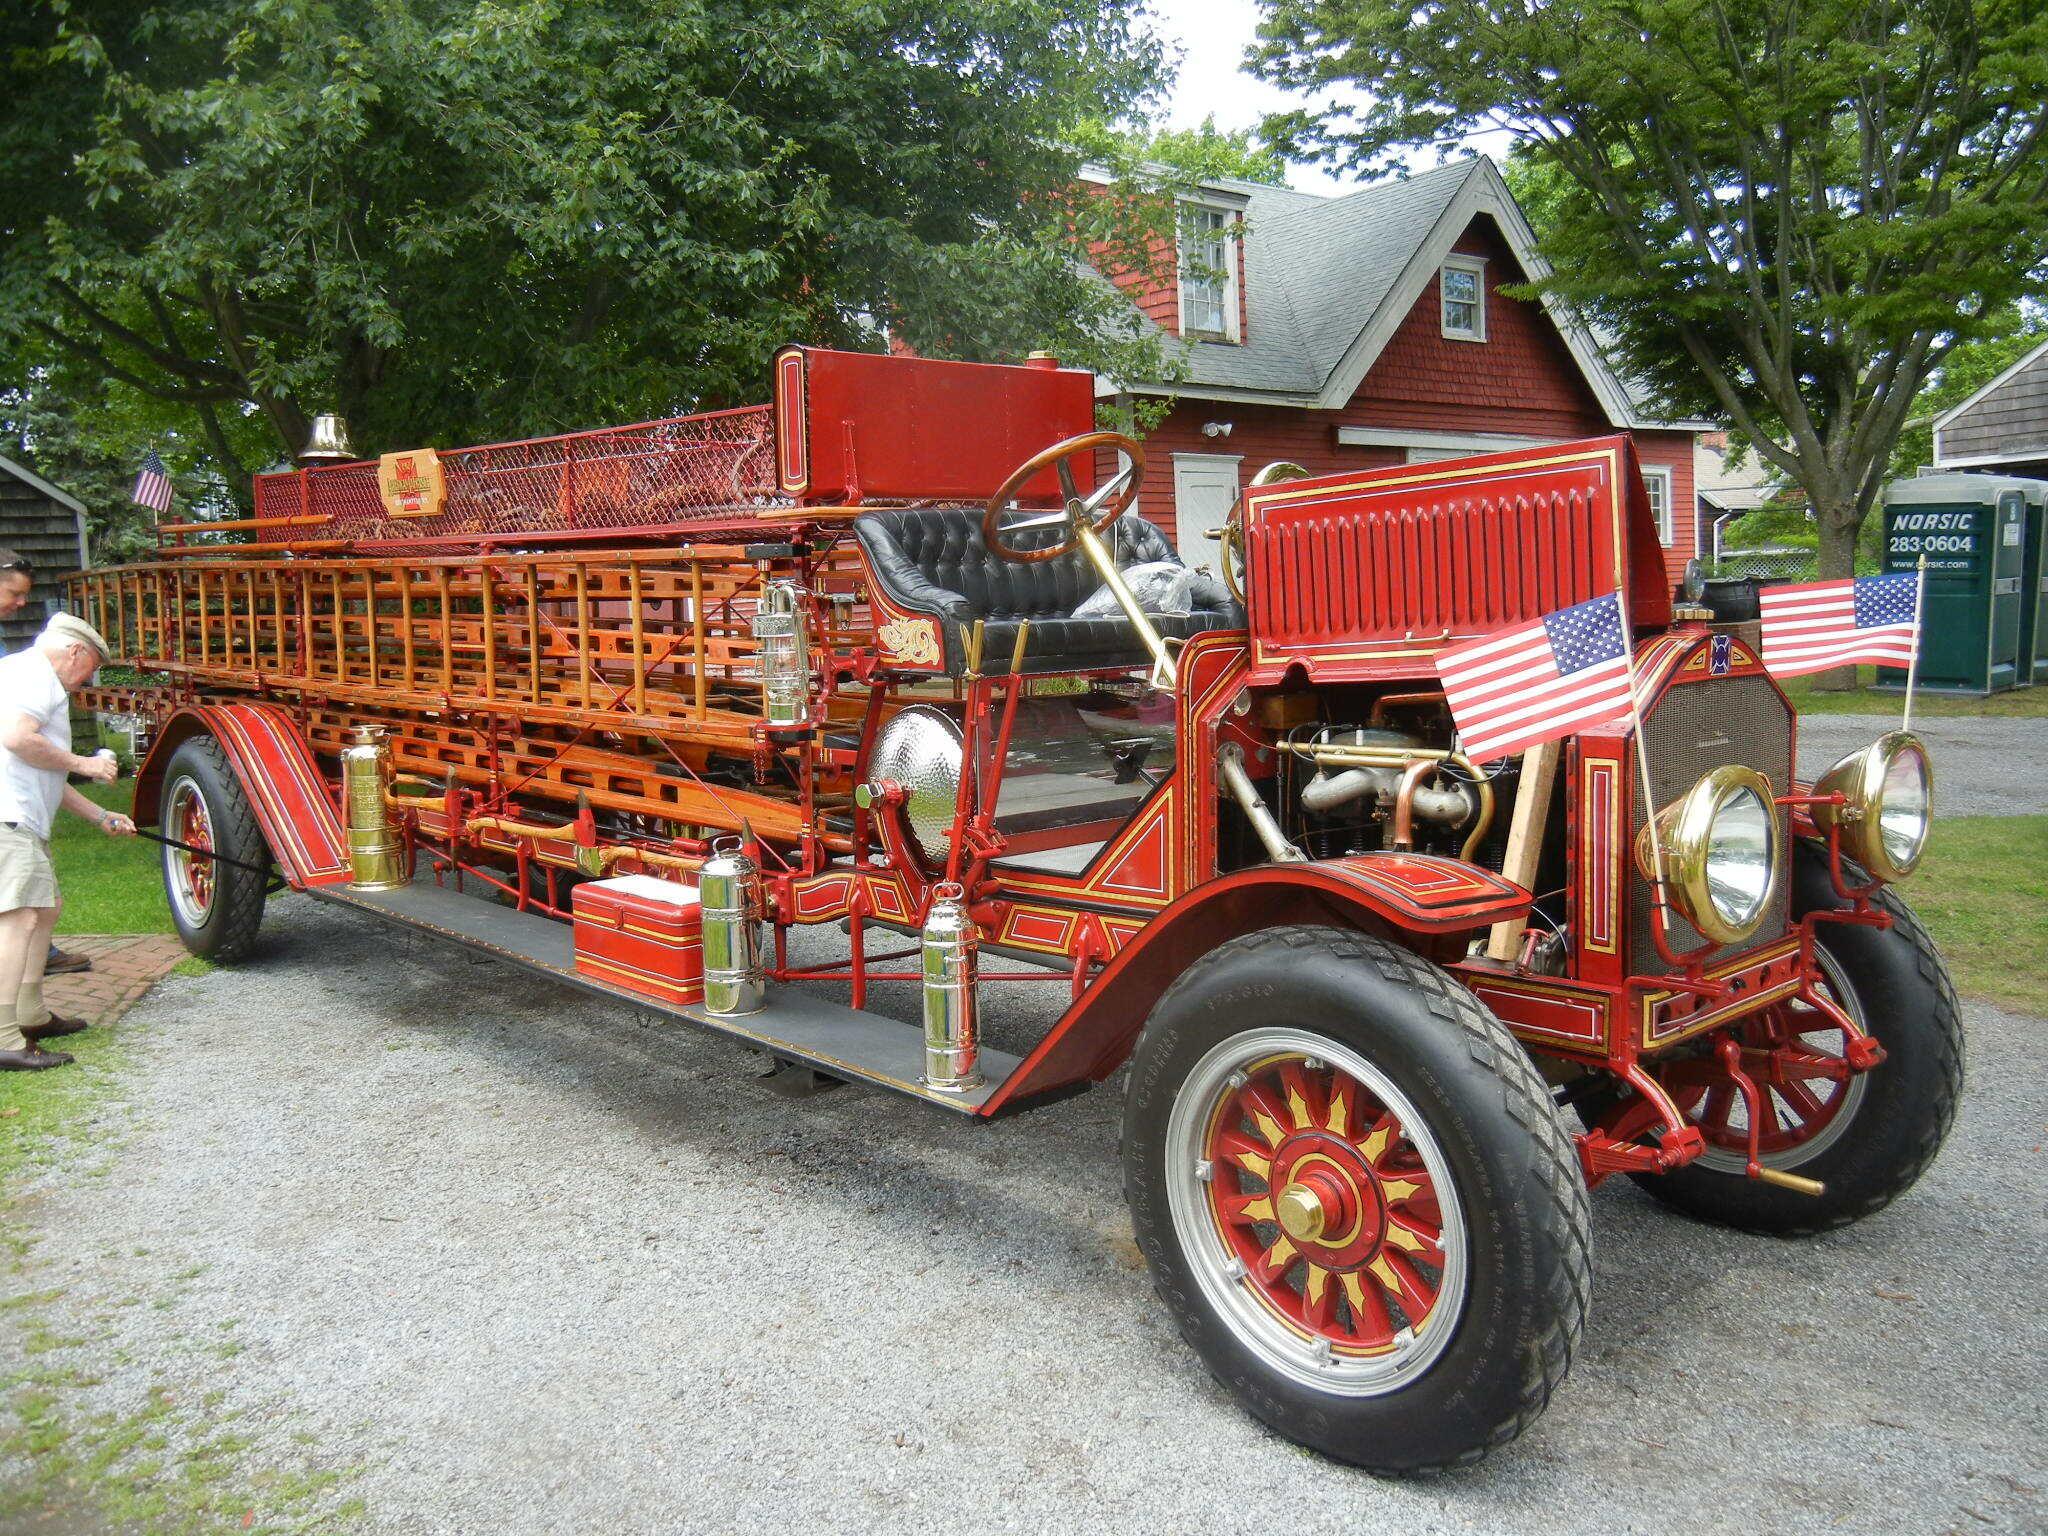 A City Service Ladder Truck.